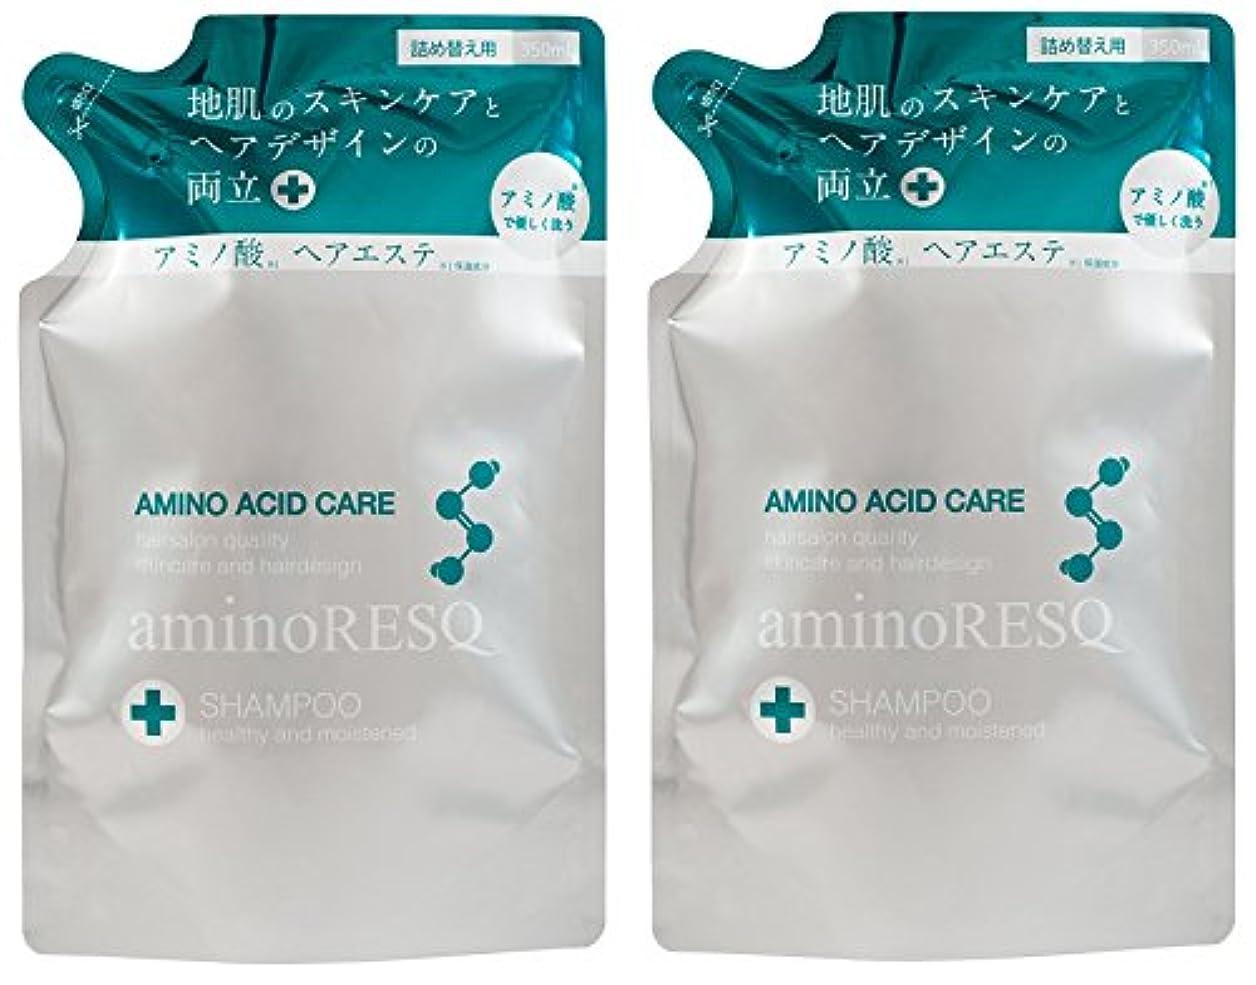 今までスペルチーム【2個セット】aminoRESQ アミノレスキュー シャンプー詰替